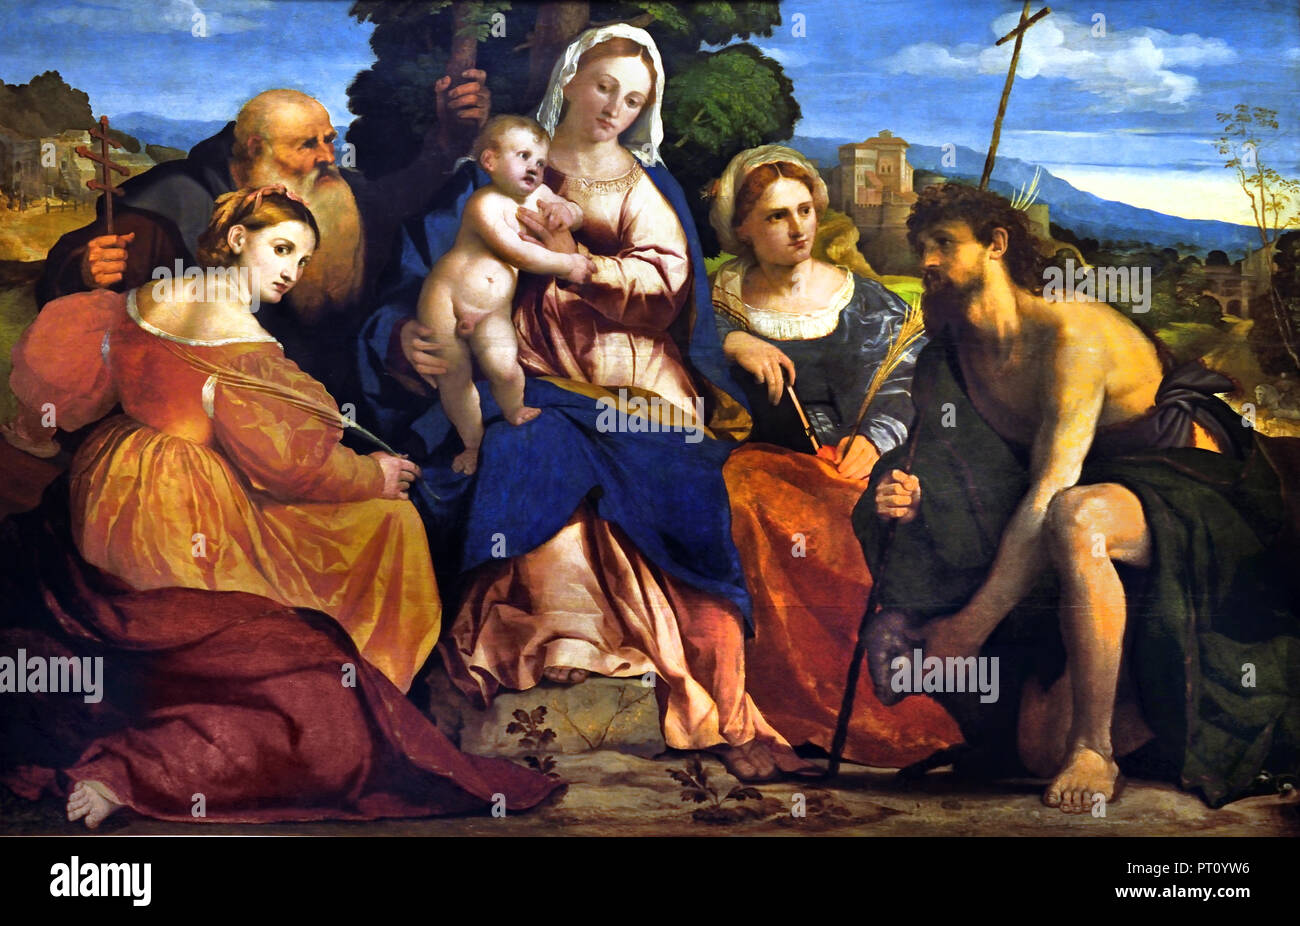 Maria mit dem Kind und Heiligen 1520 - 1522 Palma Vecchio (1480-1528) Maler des 15. Jahrhunderts Venedig Italien Stockbild